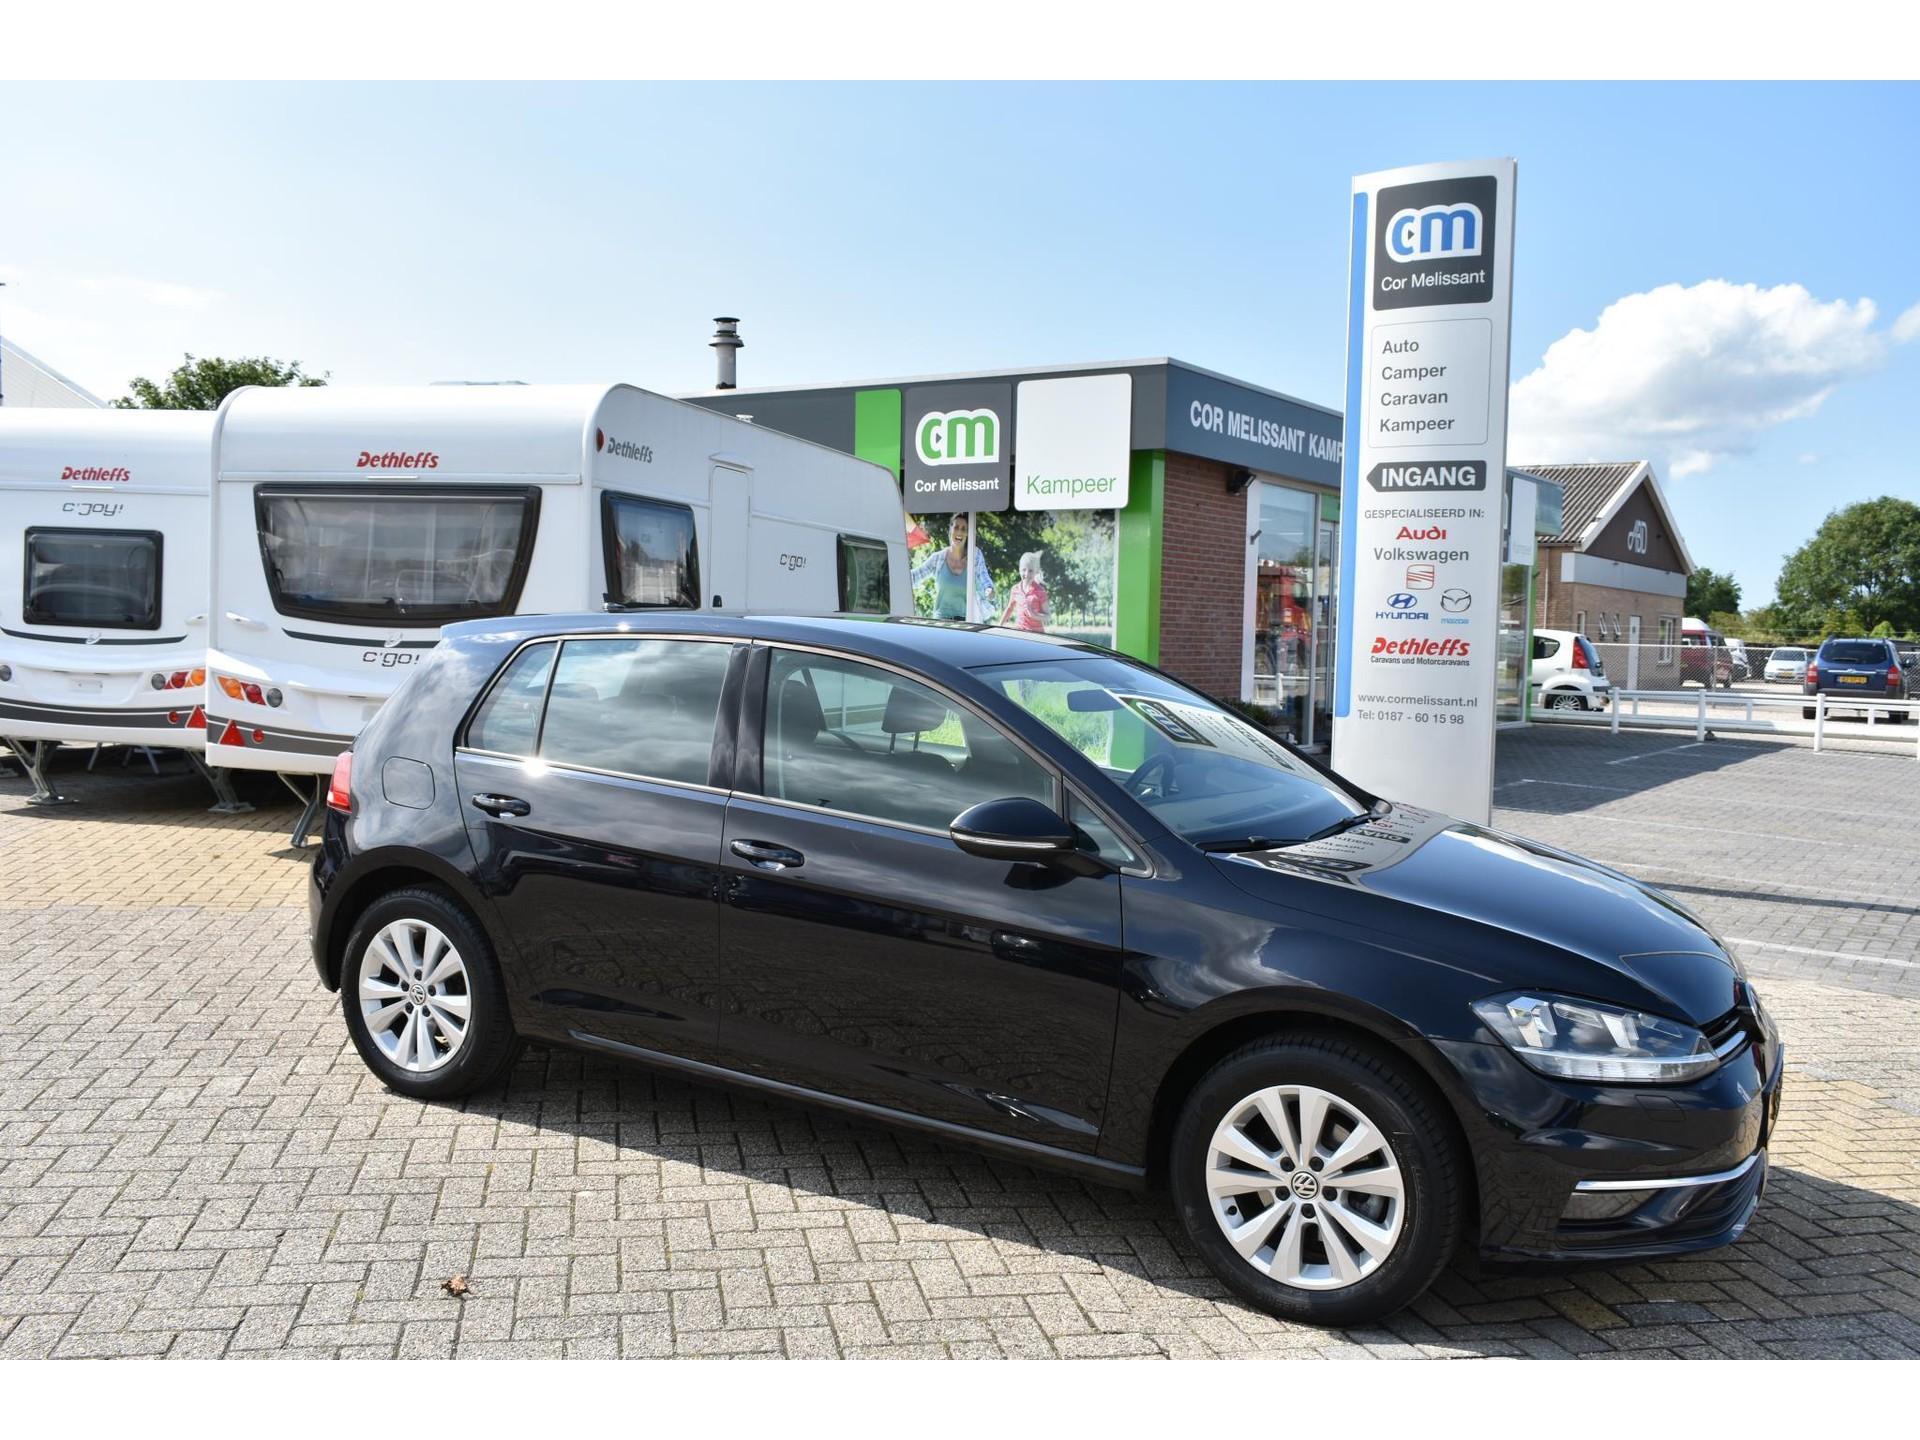 Volkswagen Golf 1.0 TSI 110 pk Comfortline NAVI/PDC/ACC/FACELIFT/